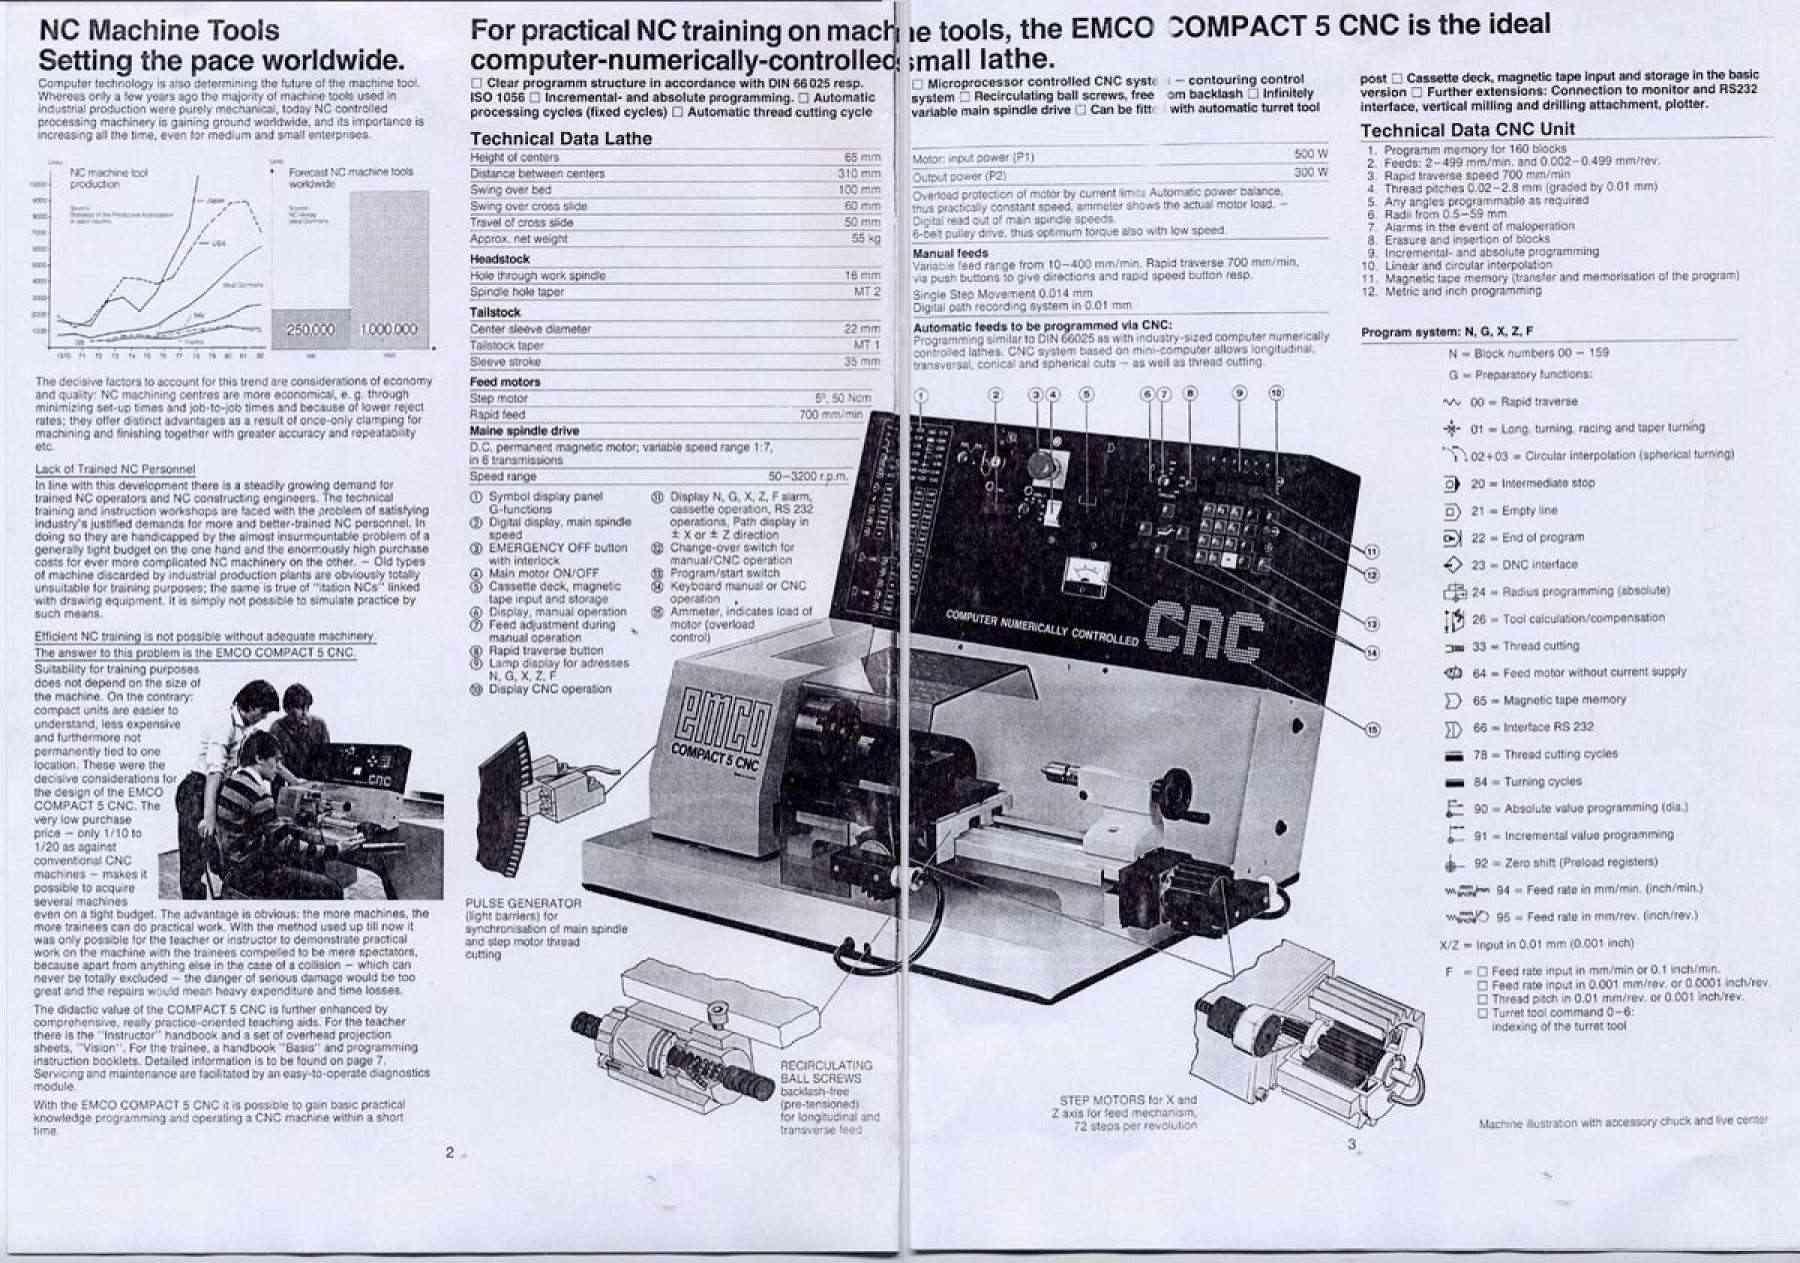 Emco compact 5 CNC  Uw11100